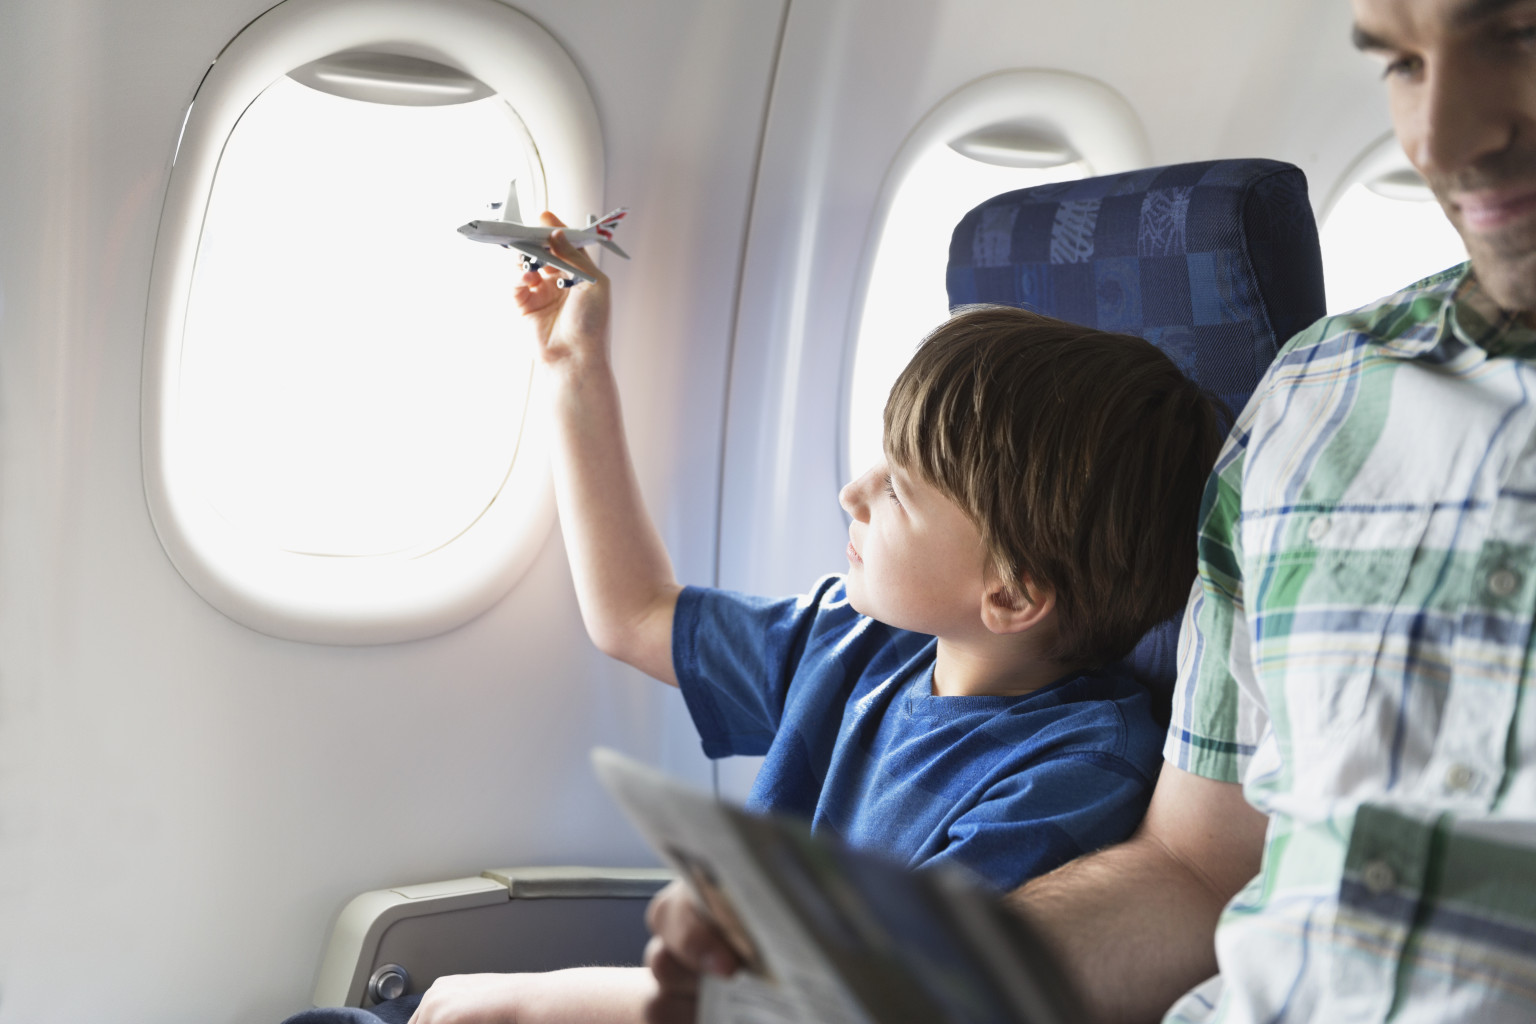 Ótimas dicas para sua viagem de avião - Viaje Bem MaisViaje Bem Mais